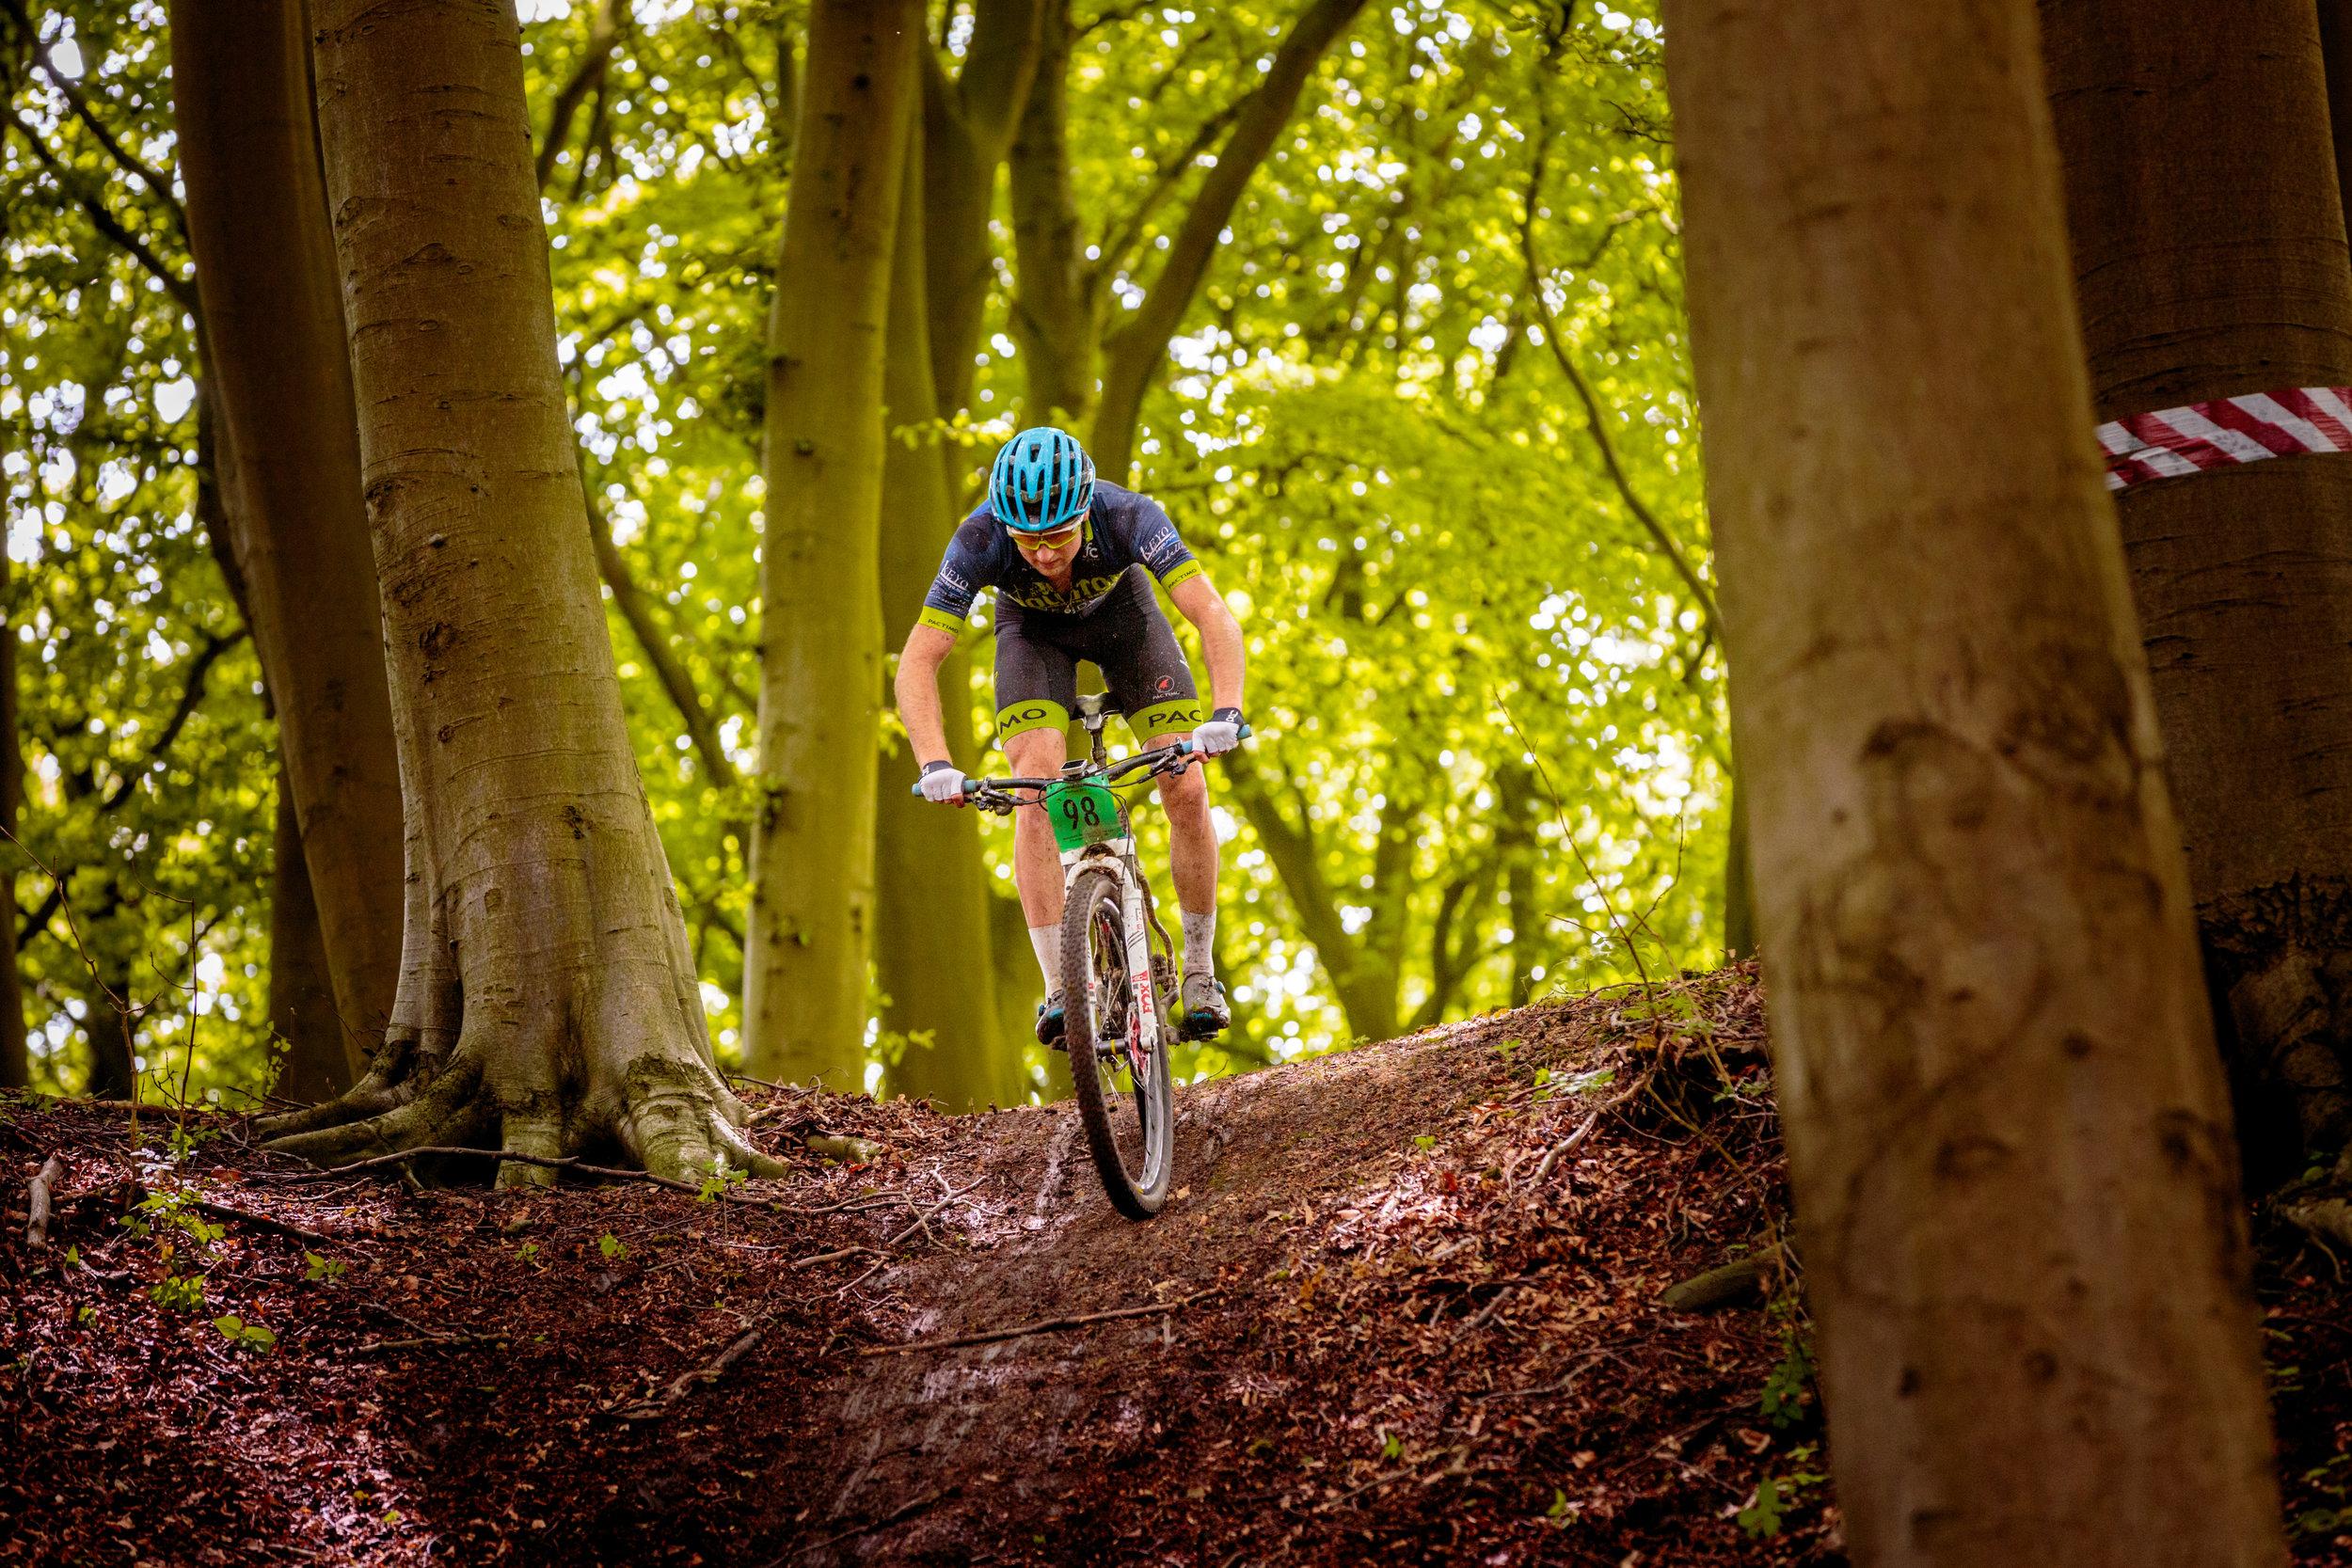 A mountain biker negotiating a steep decent